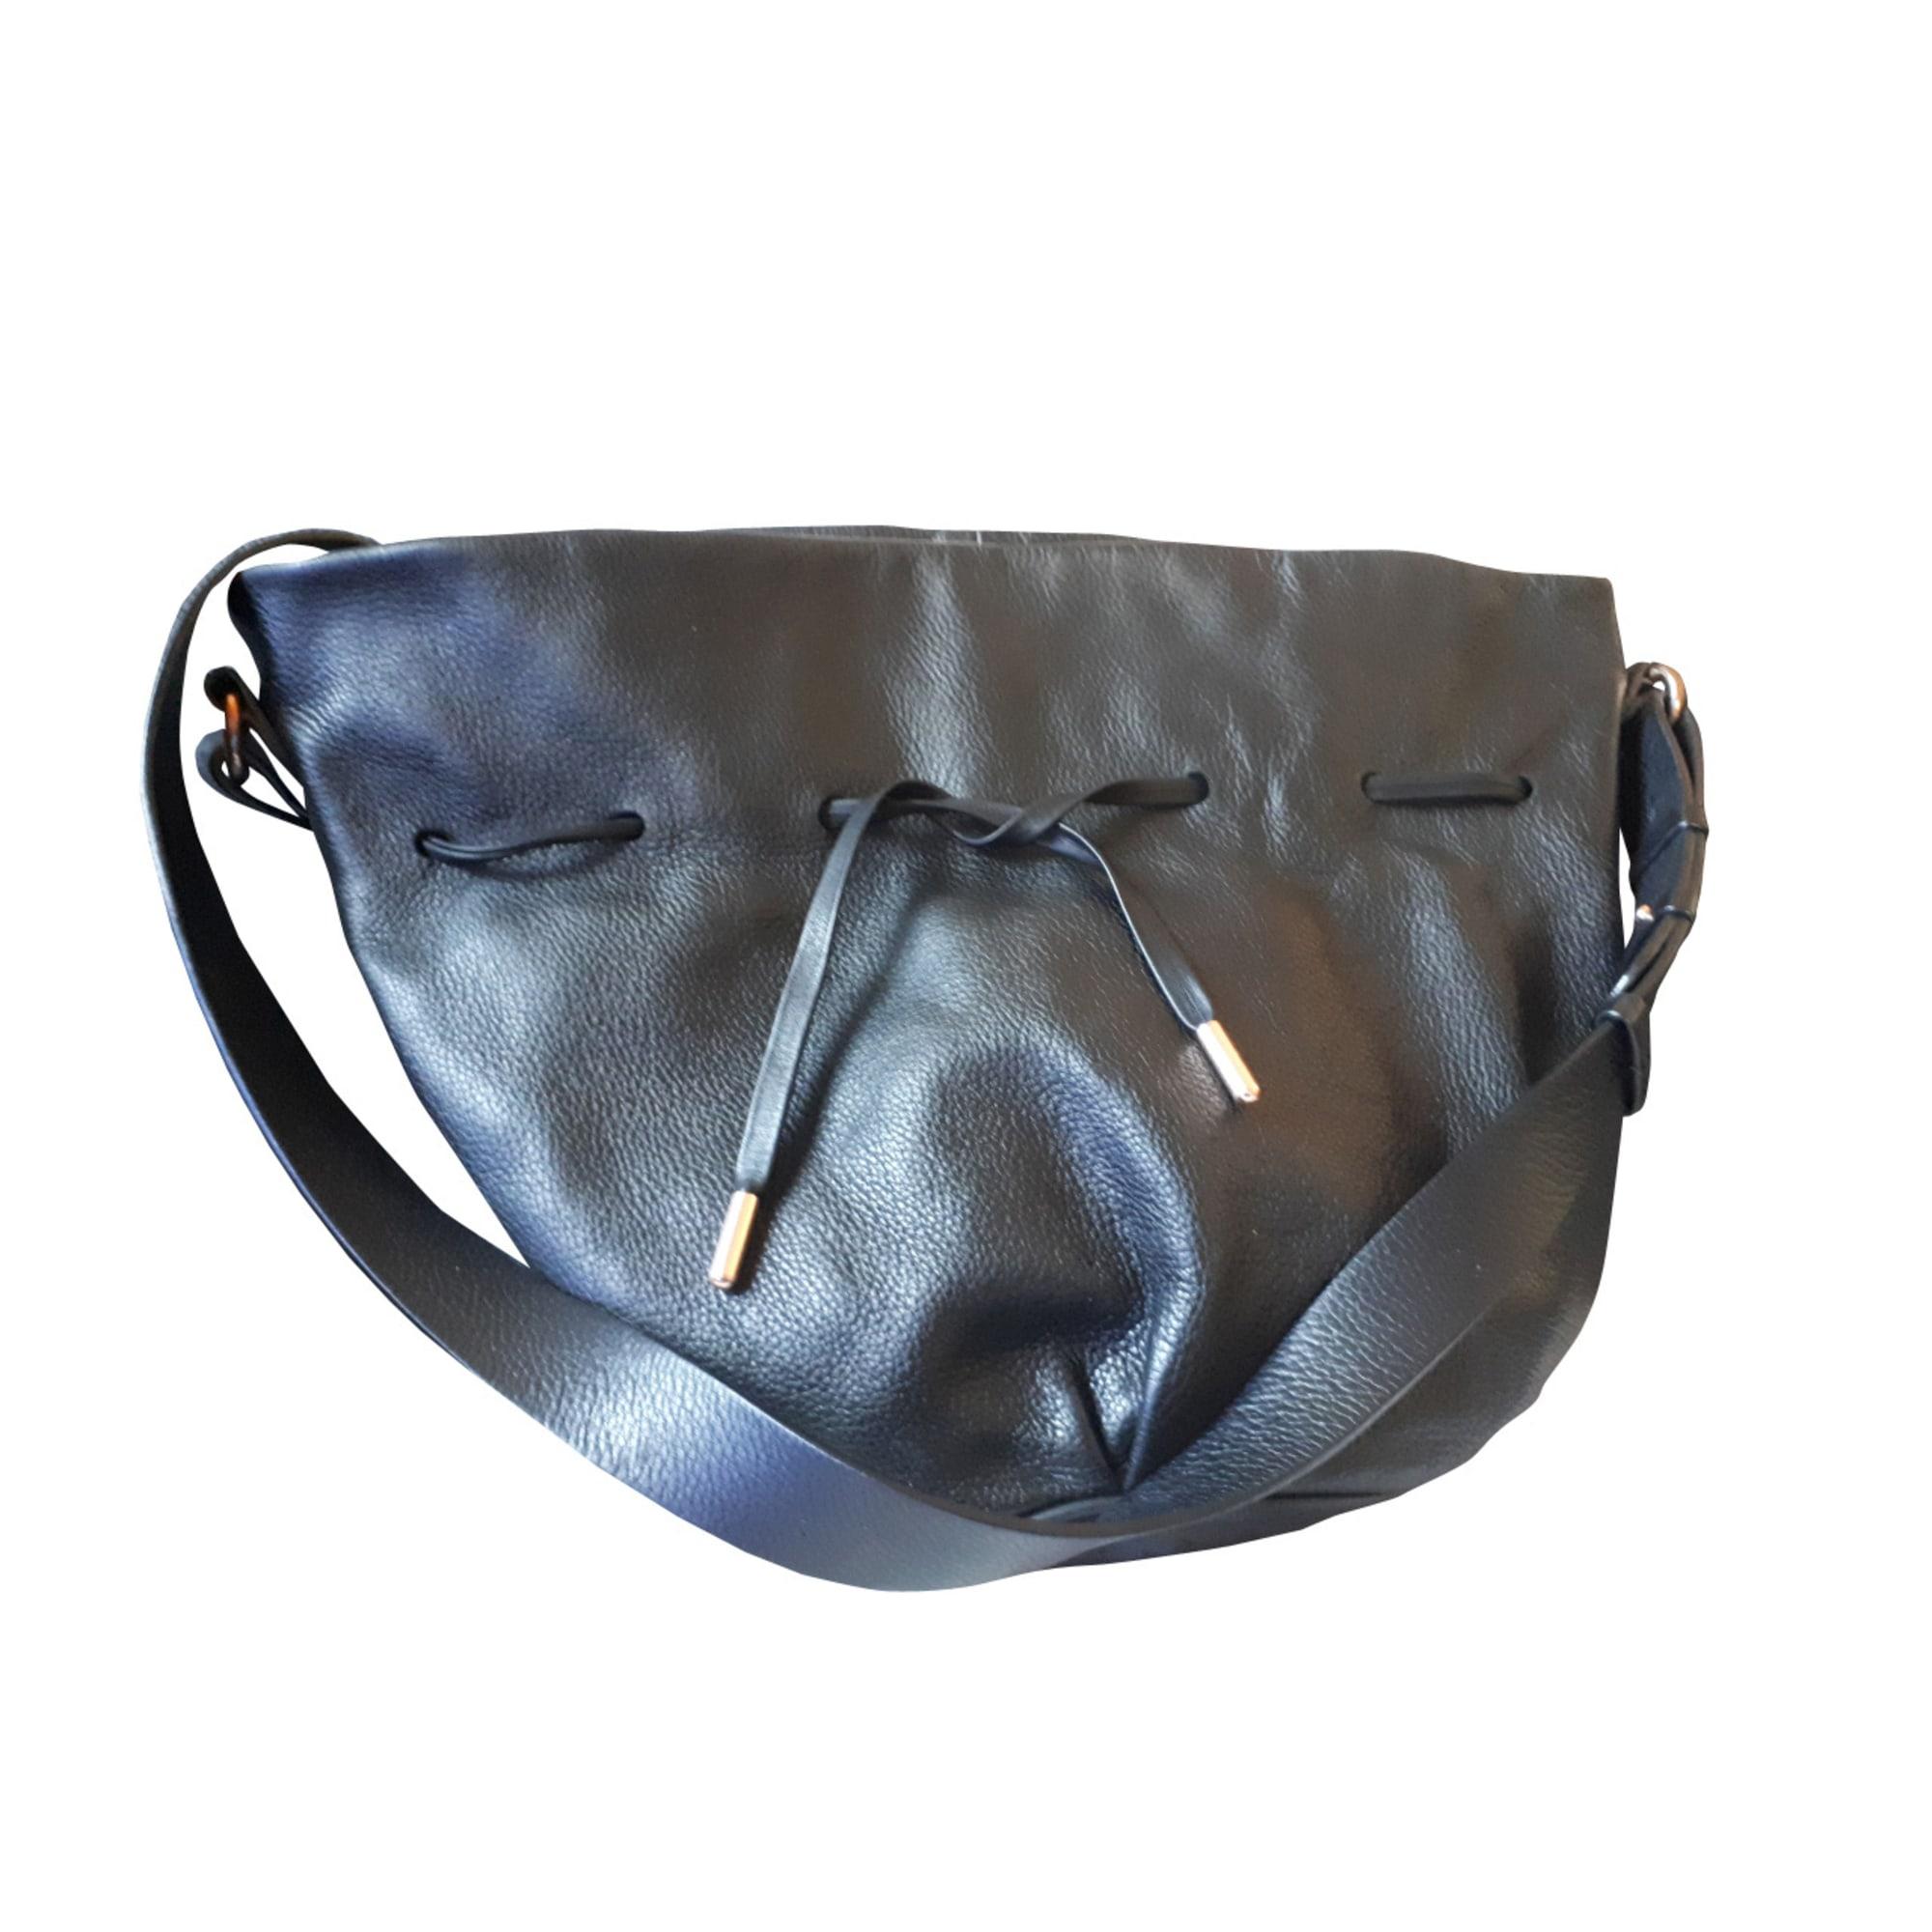 a54f89e246 Sac en bandoulière en cuir REPETTO noir - 7522735